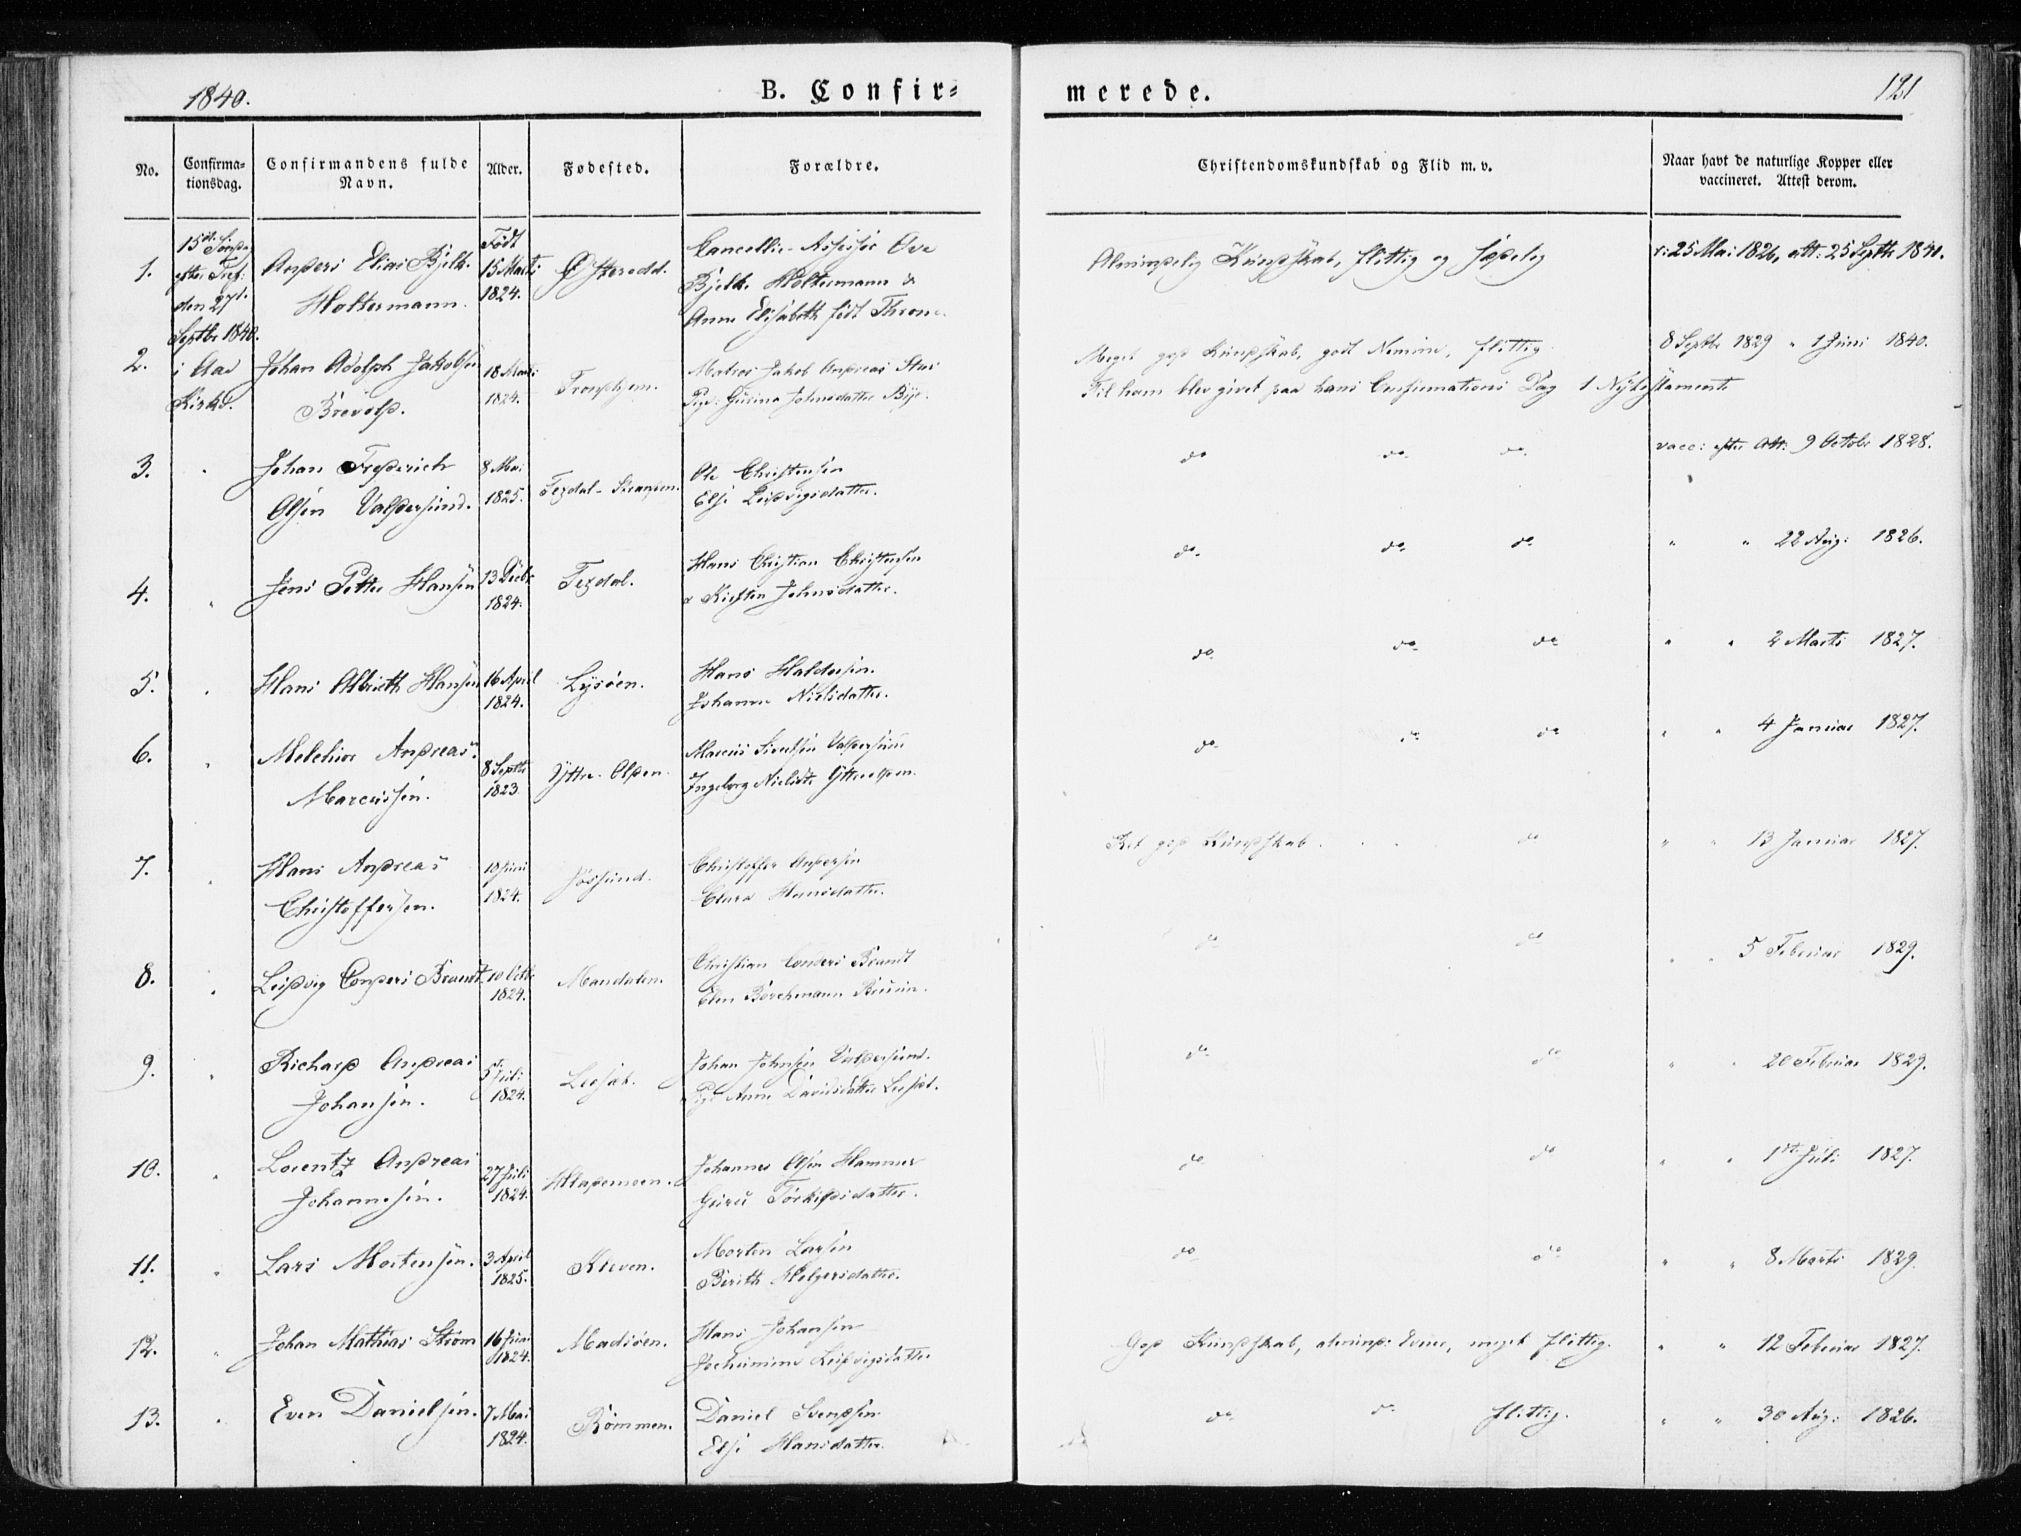 SAT, Ministerialprotokoller, klokkerbøker og fødselsregistre - Sør-Trøndelag, 655/L0676: Ministerialbok nr. 655A05, 1830-1847, s. 121